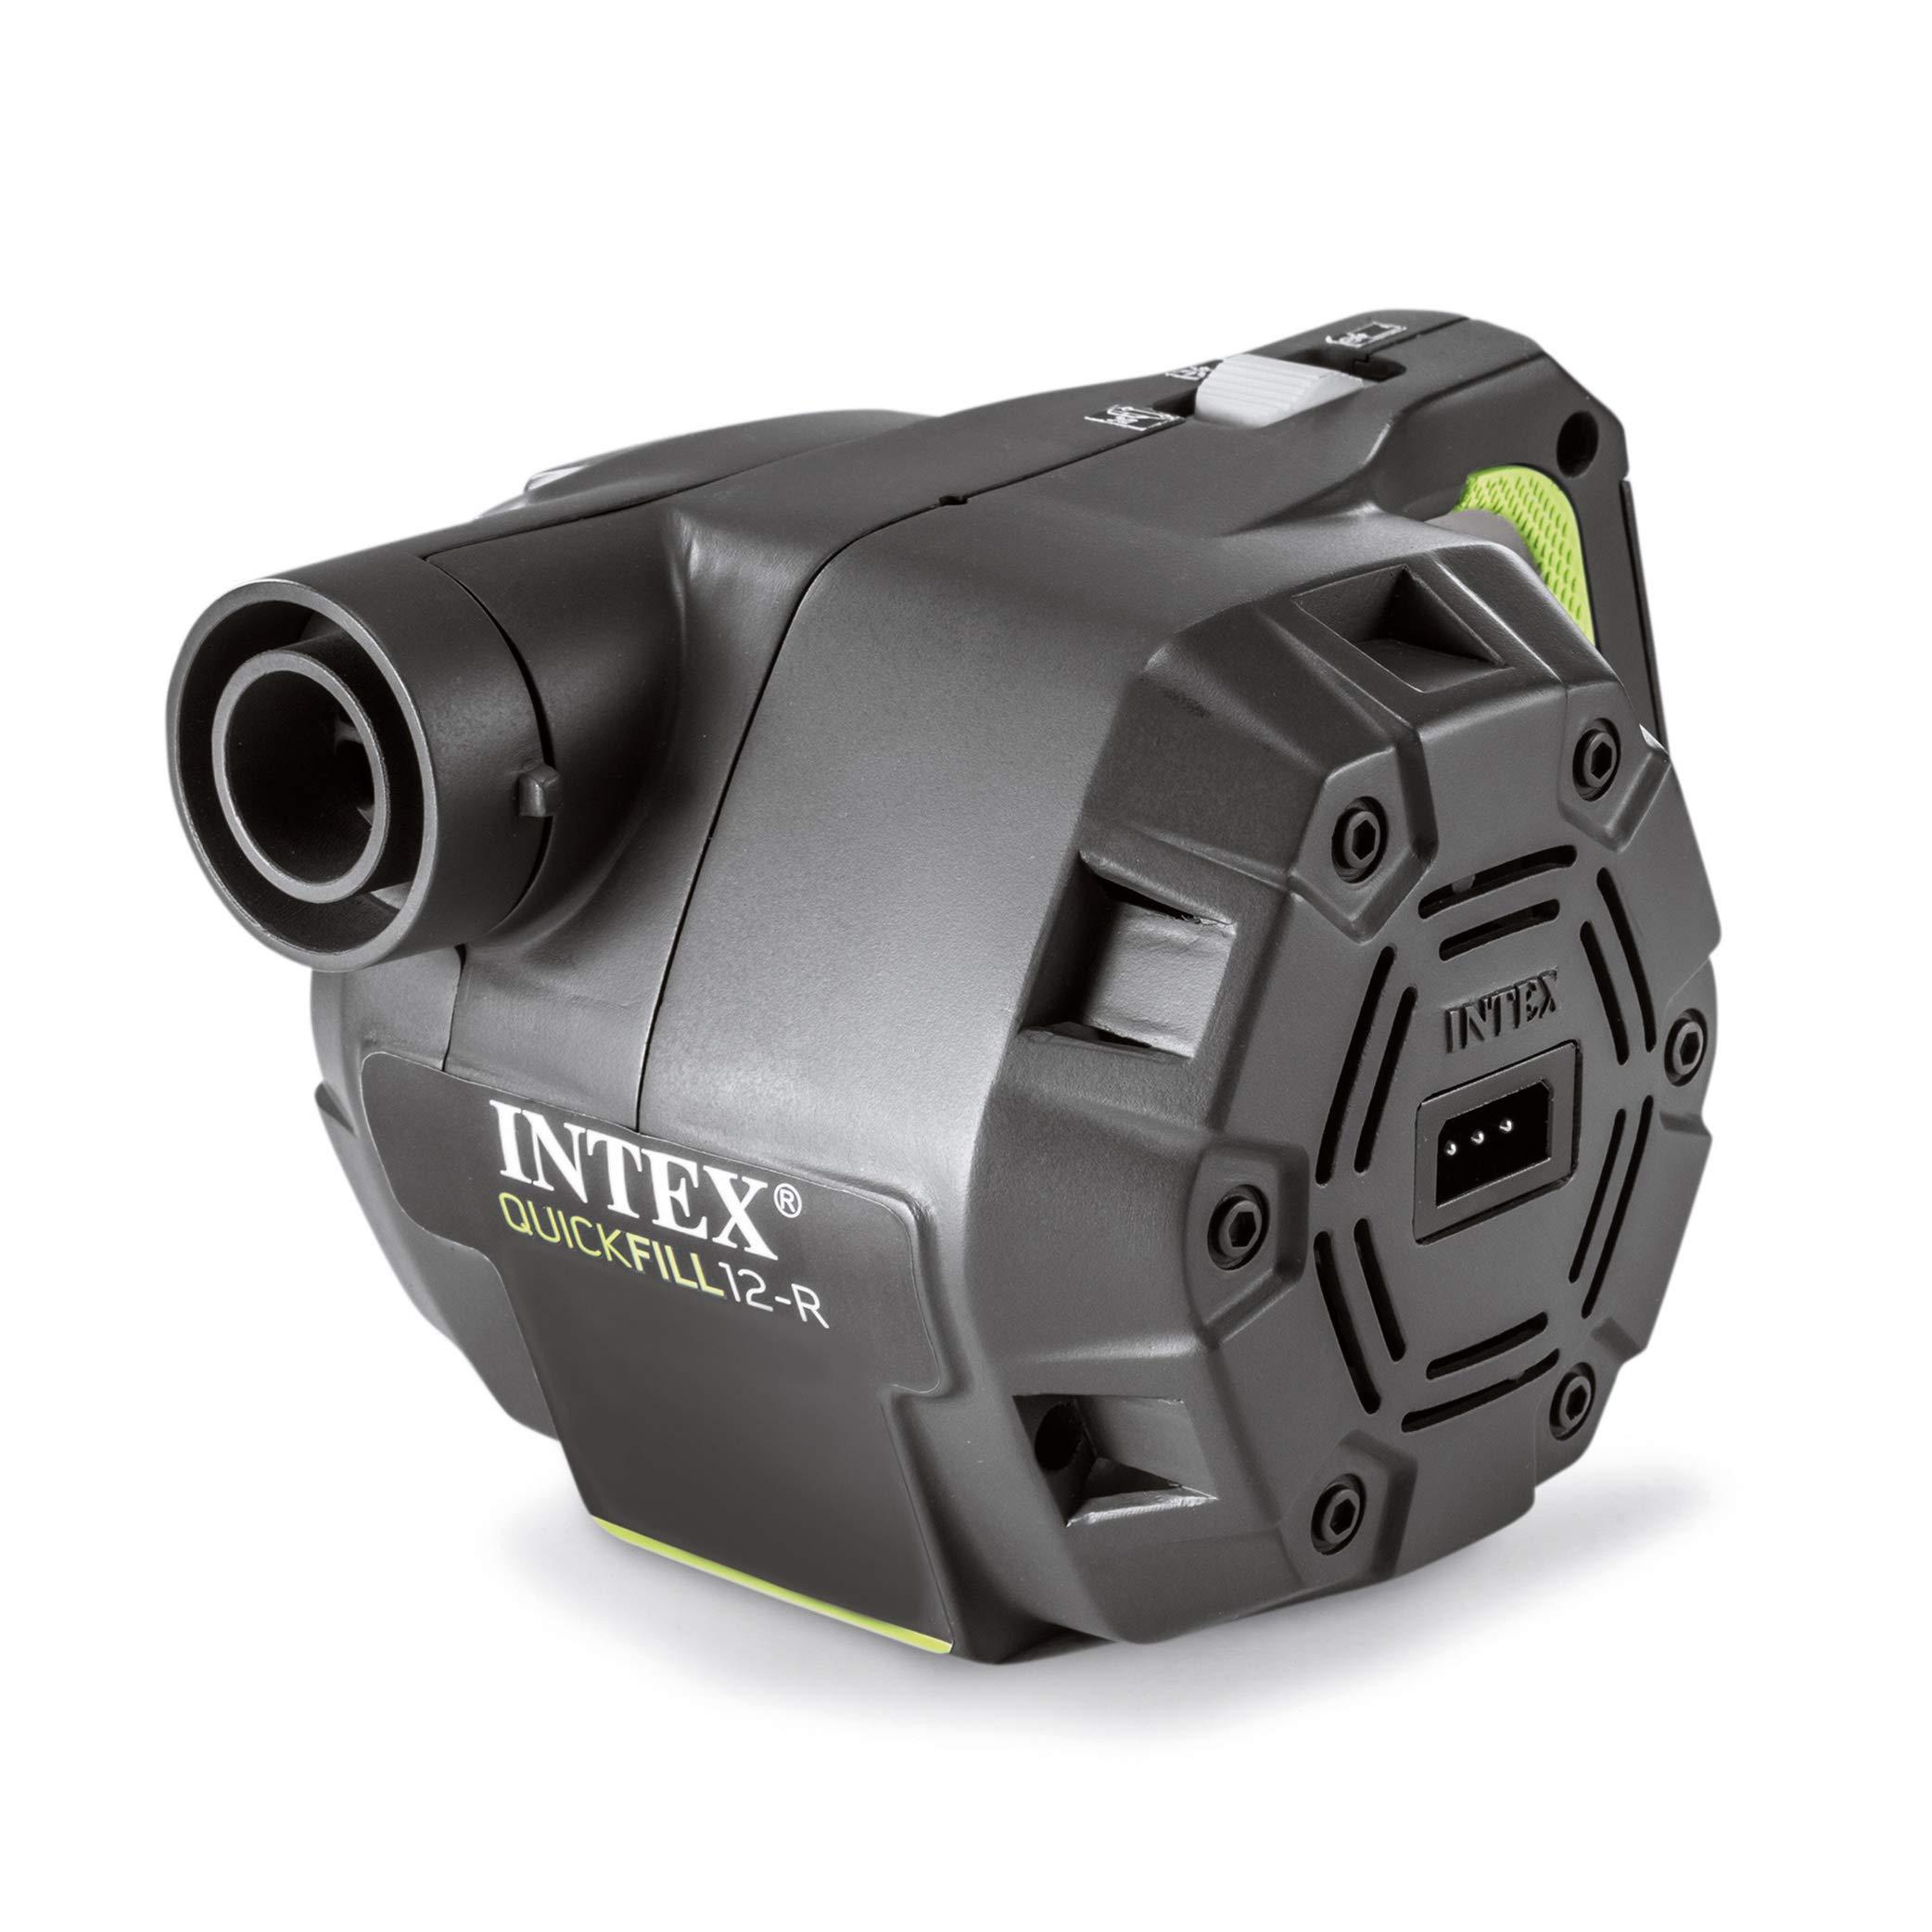 Intex Quick Fill Rechargeable 110 120V 21 2Cfm